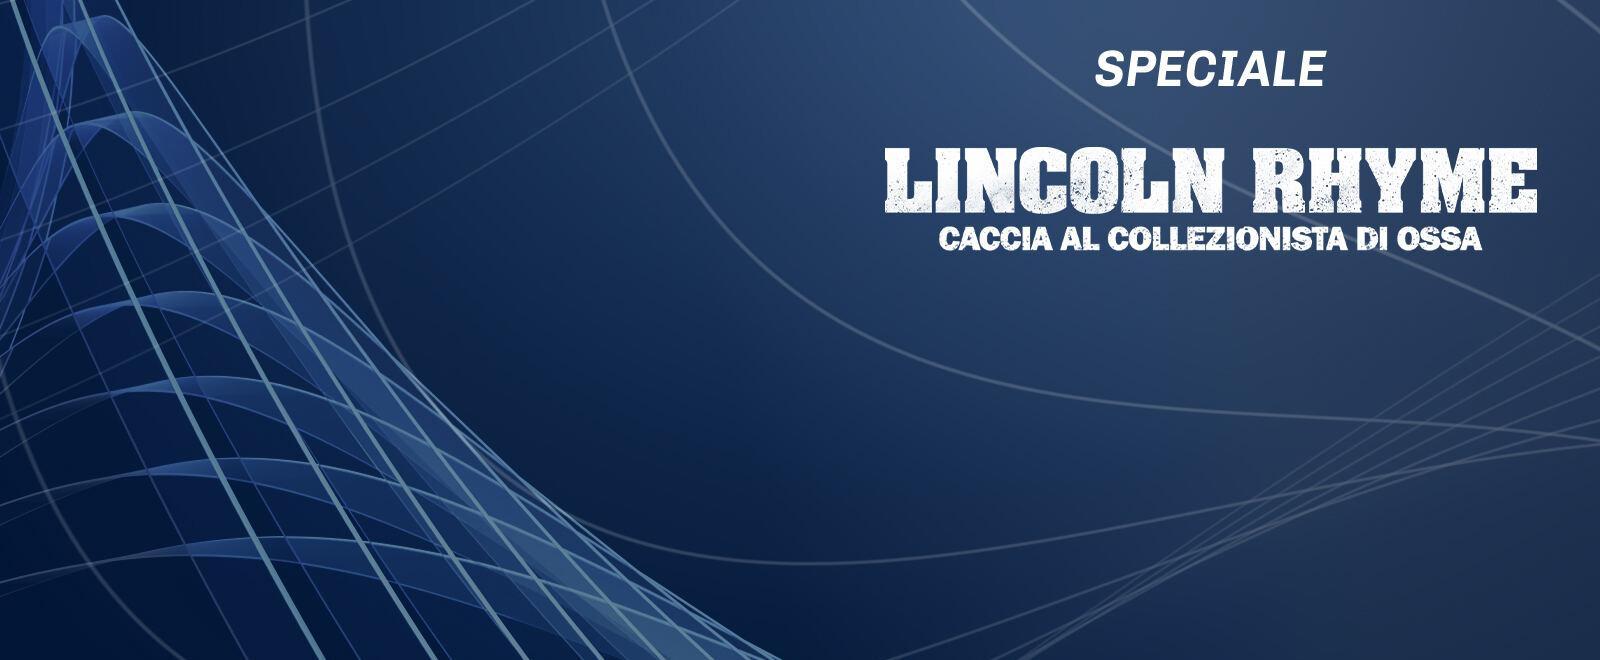 Speciale - Lincoln Rhyme - caccia al collezionista di ossa